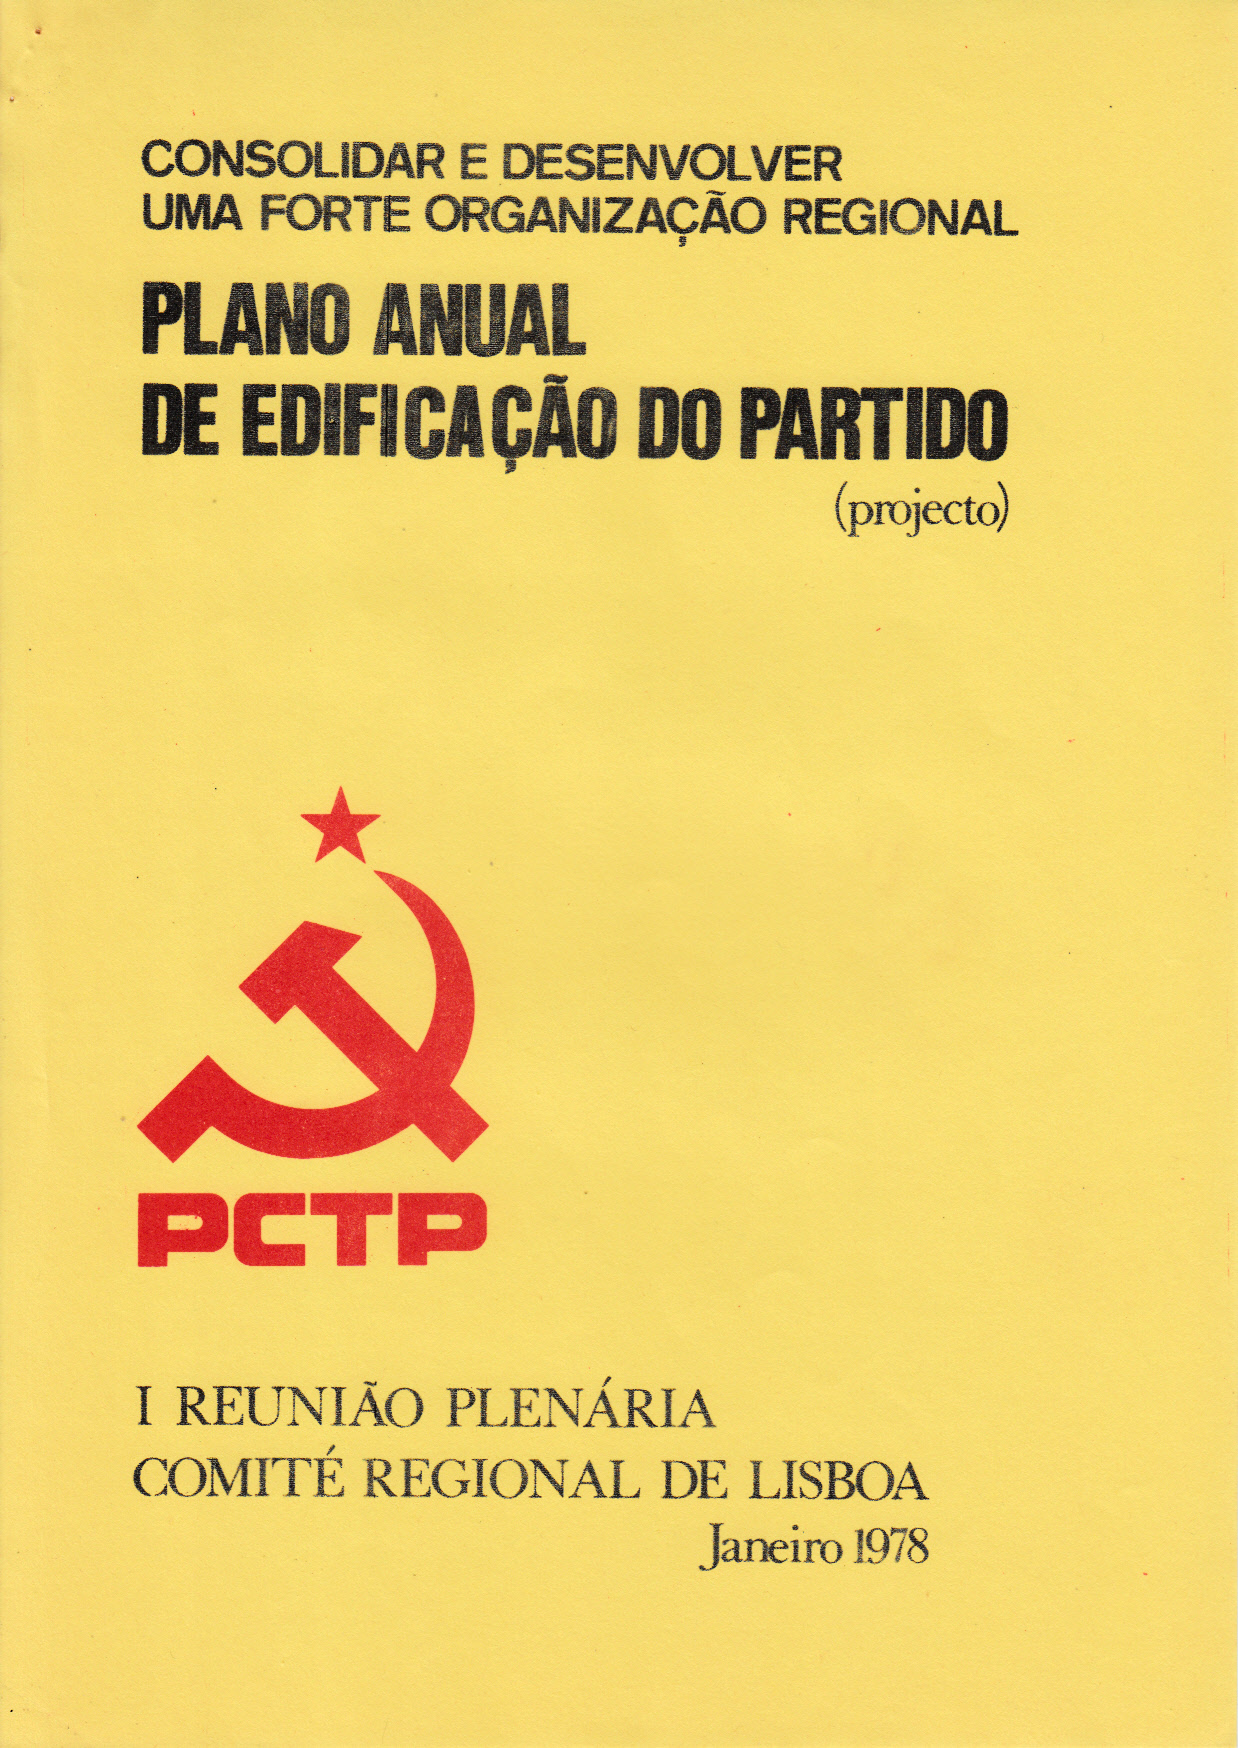 MRPP_1978_01_08_b